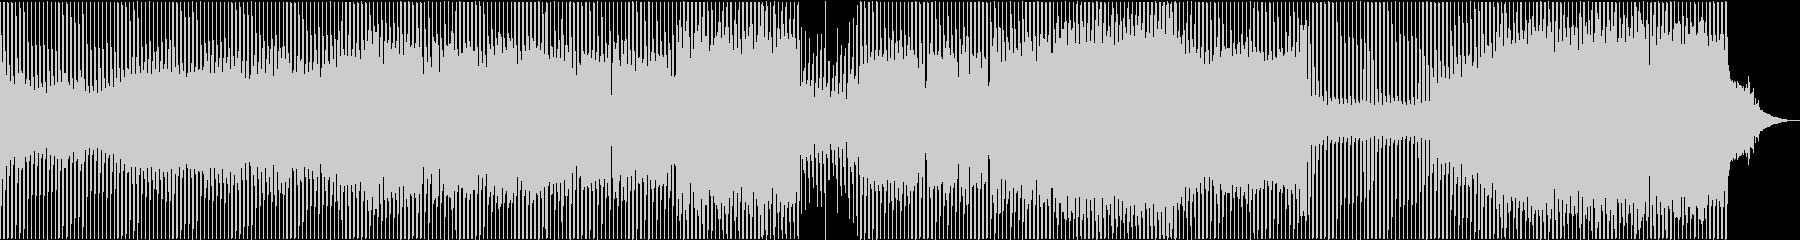 EDM ジングルべル POP ダンス の未再生の波形